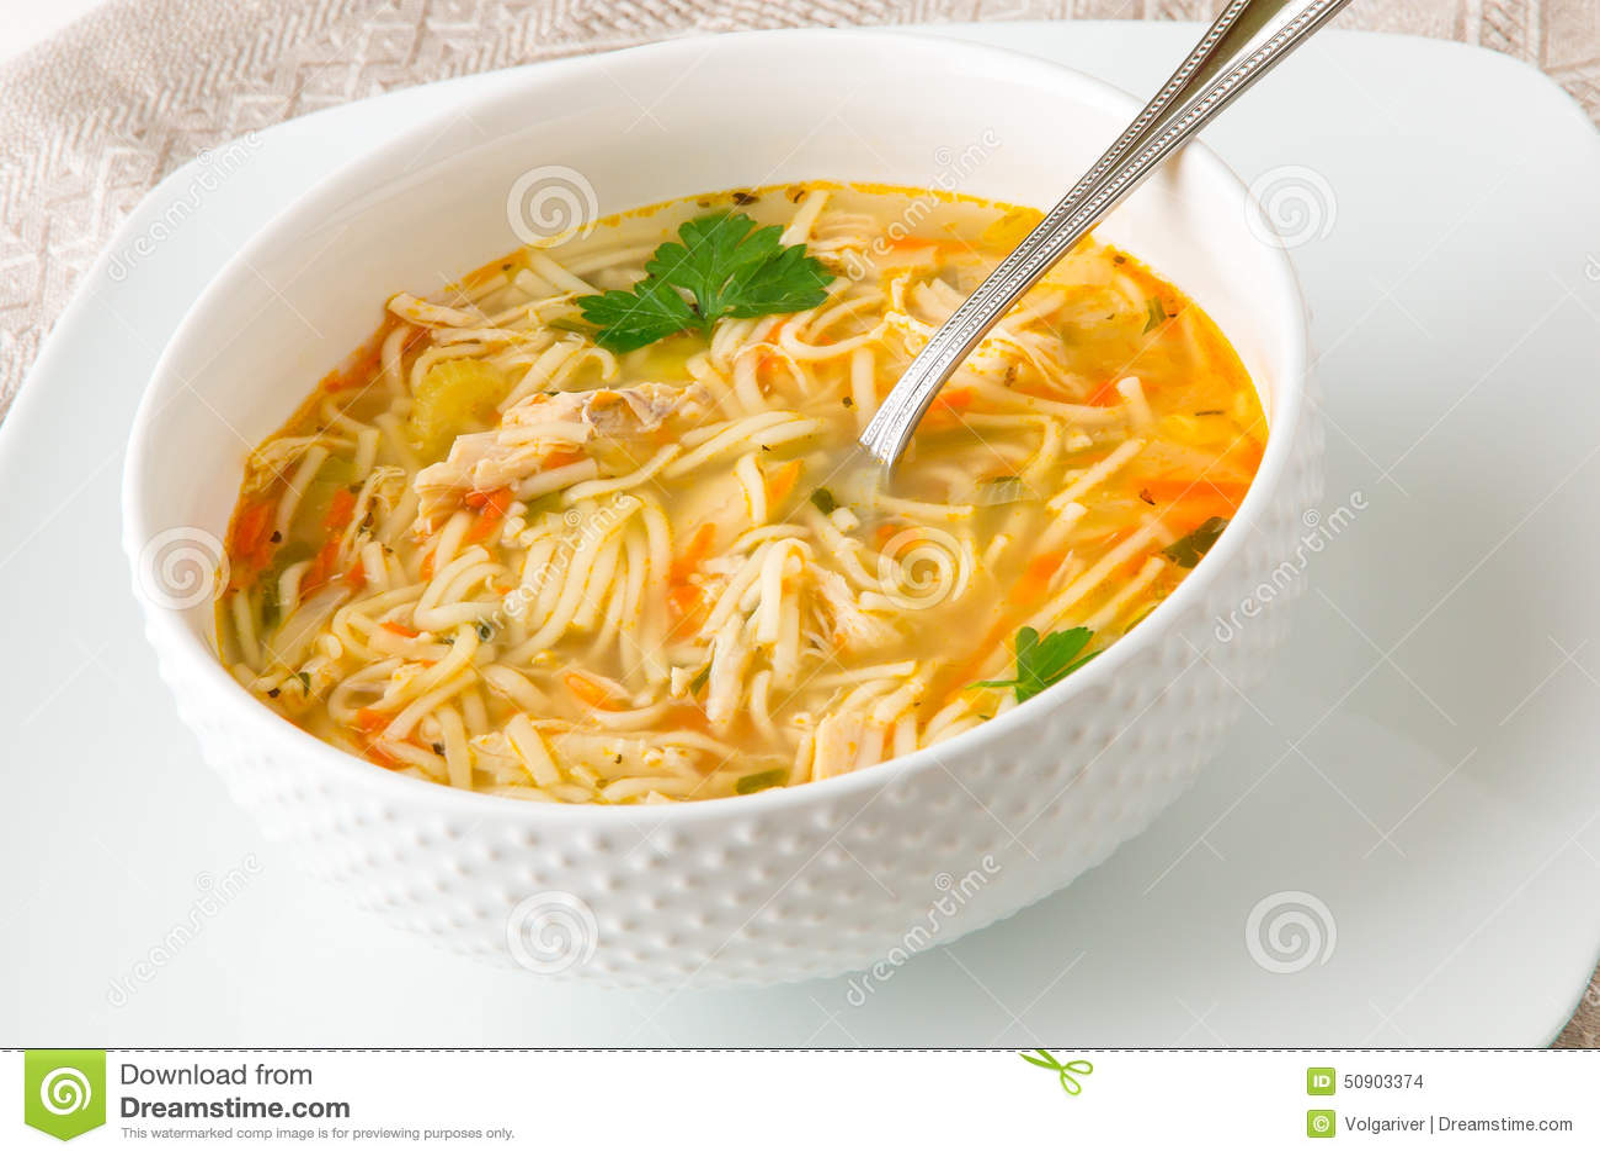 De soep van de kippennoedel